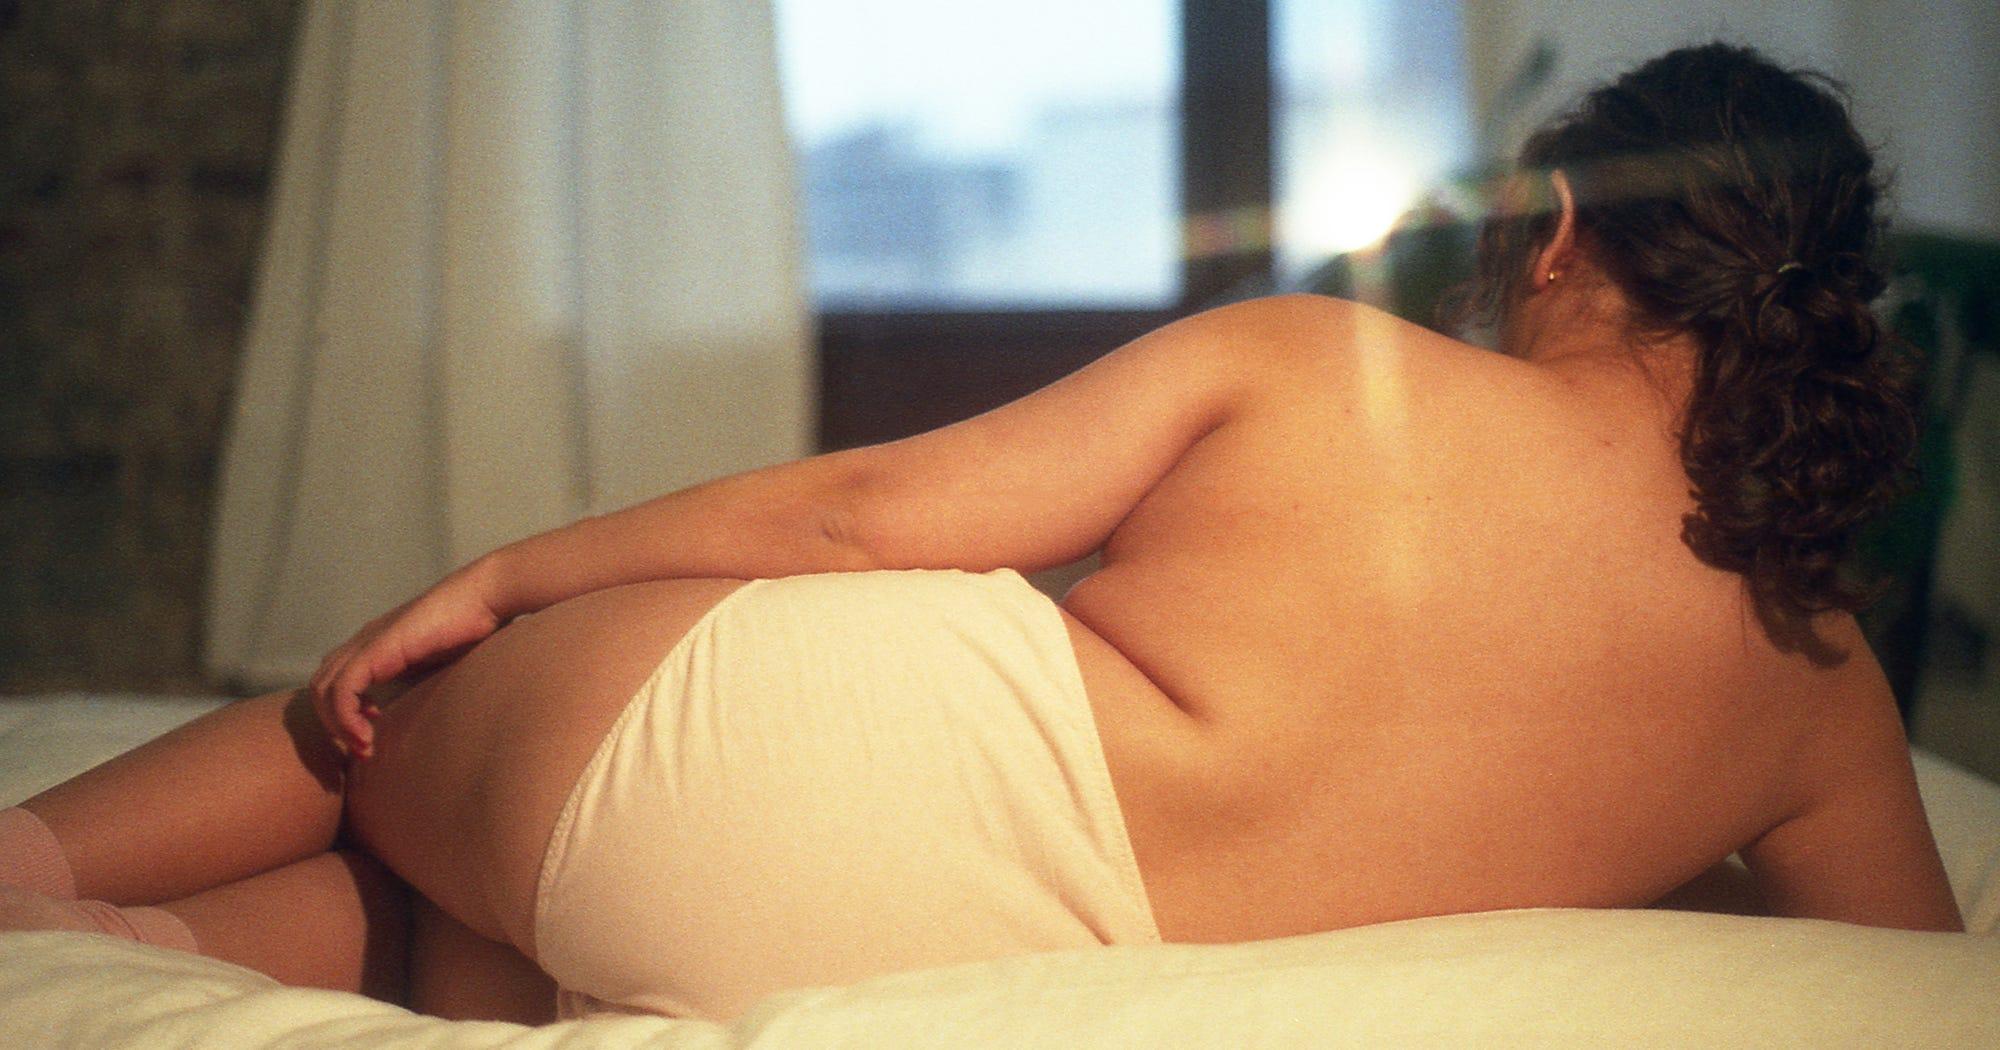 Naked ben ten sex photos